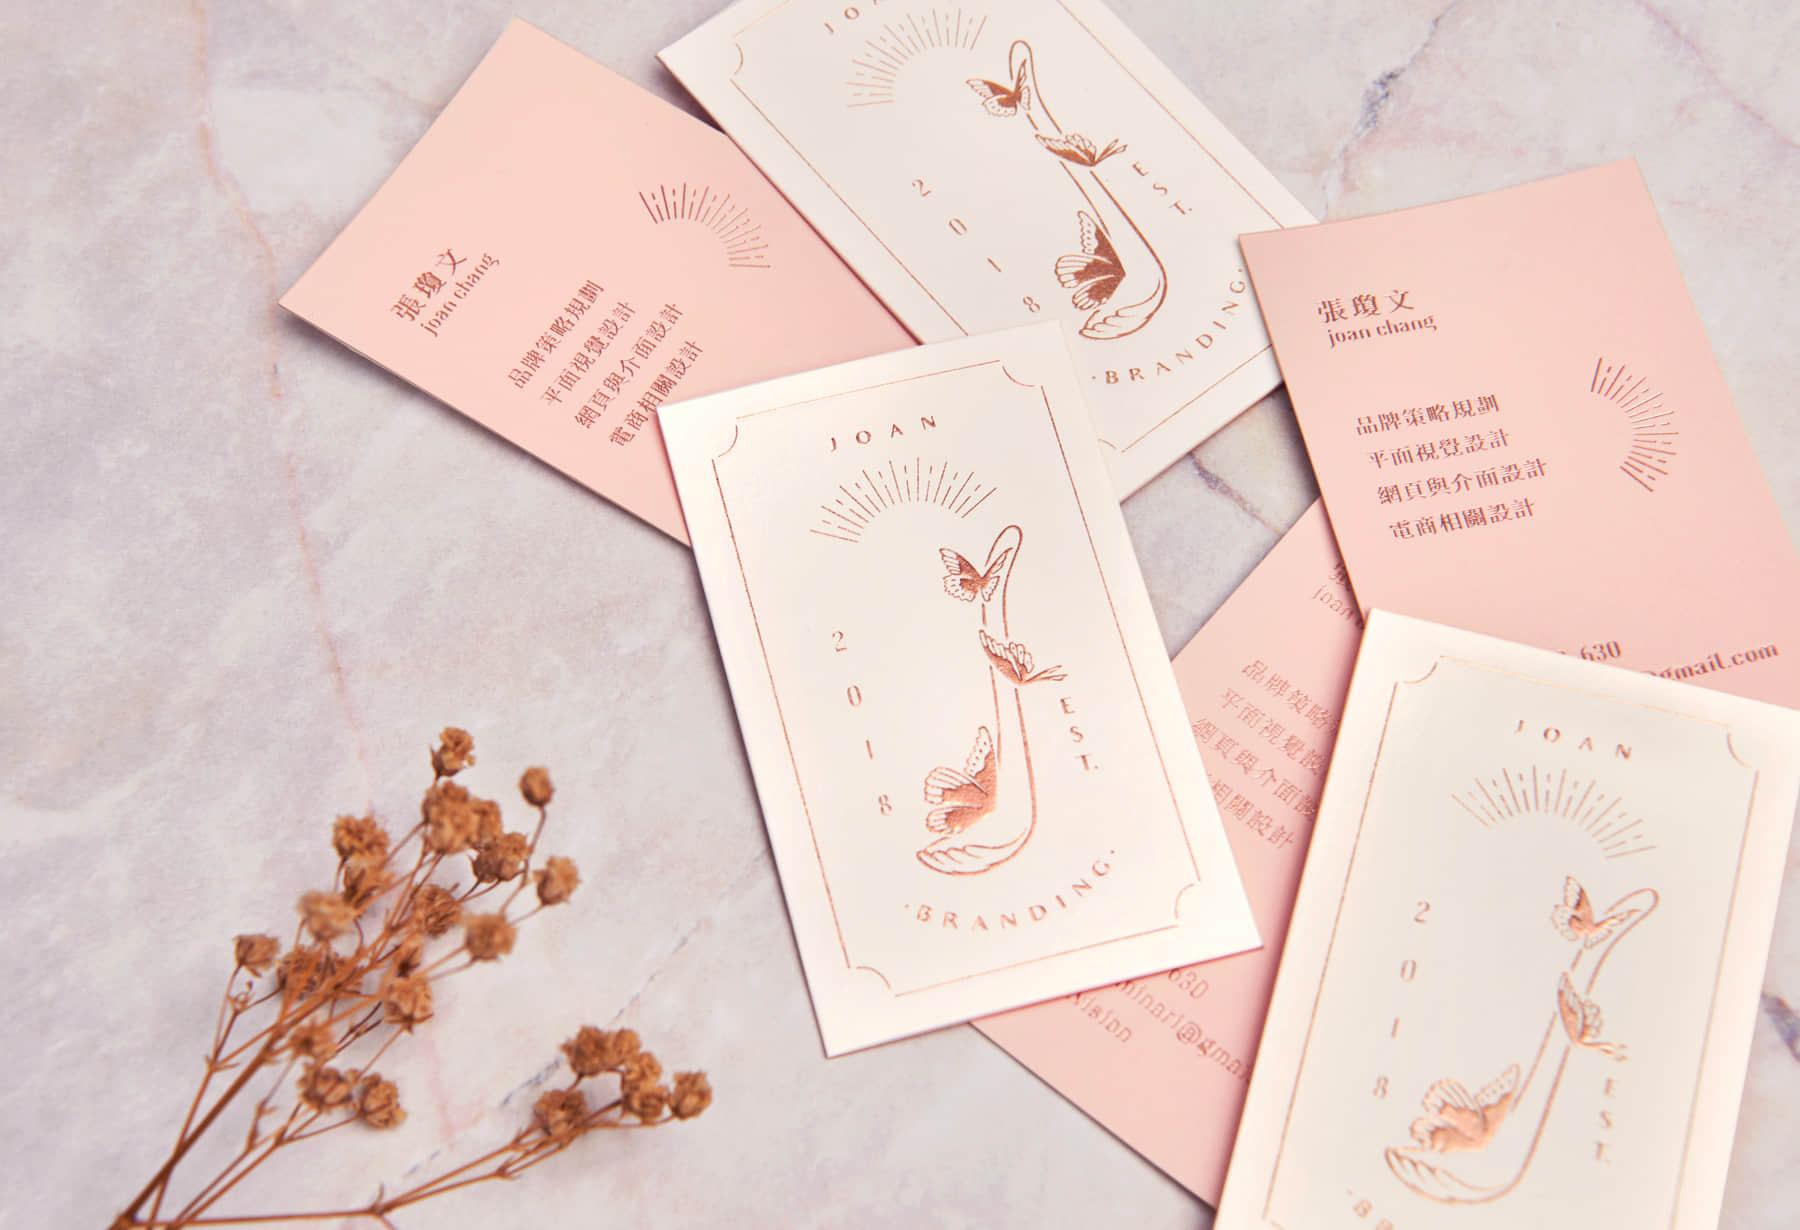 張瓊文名片平放很多張與乾燥花